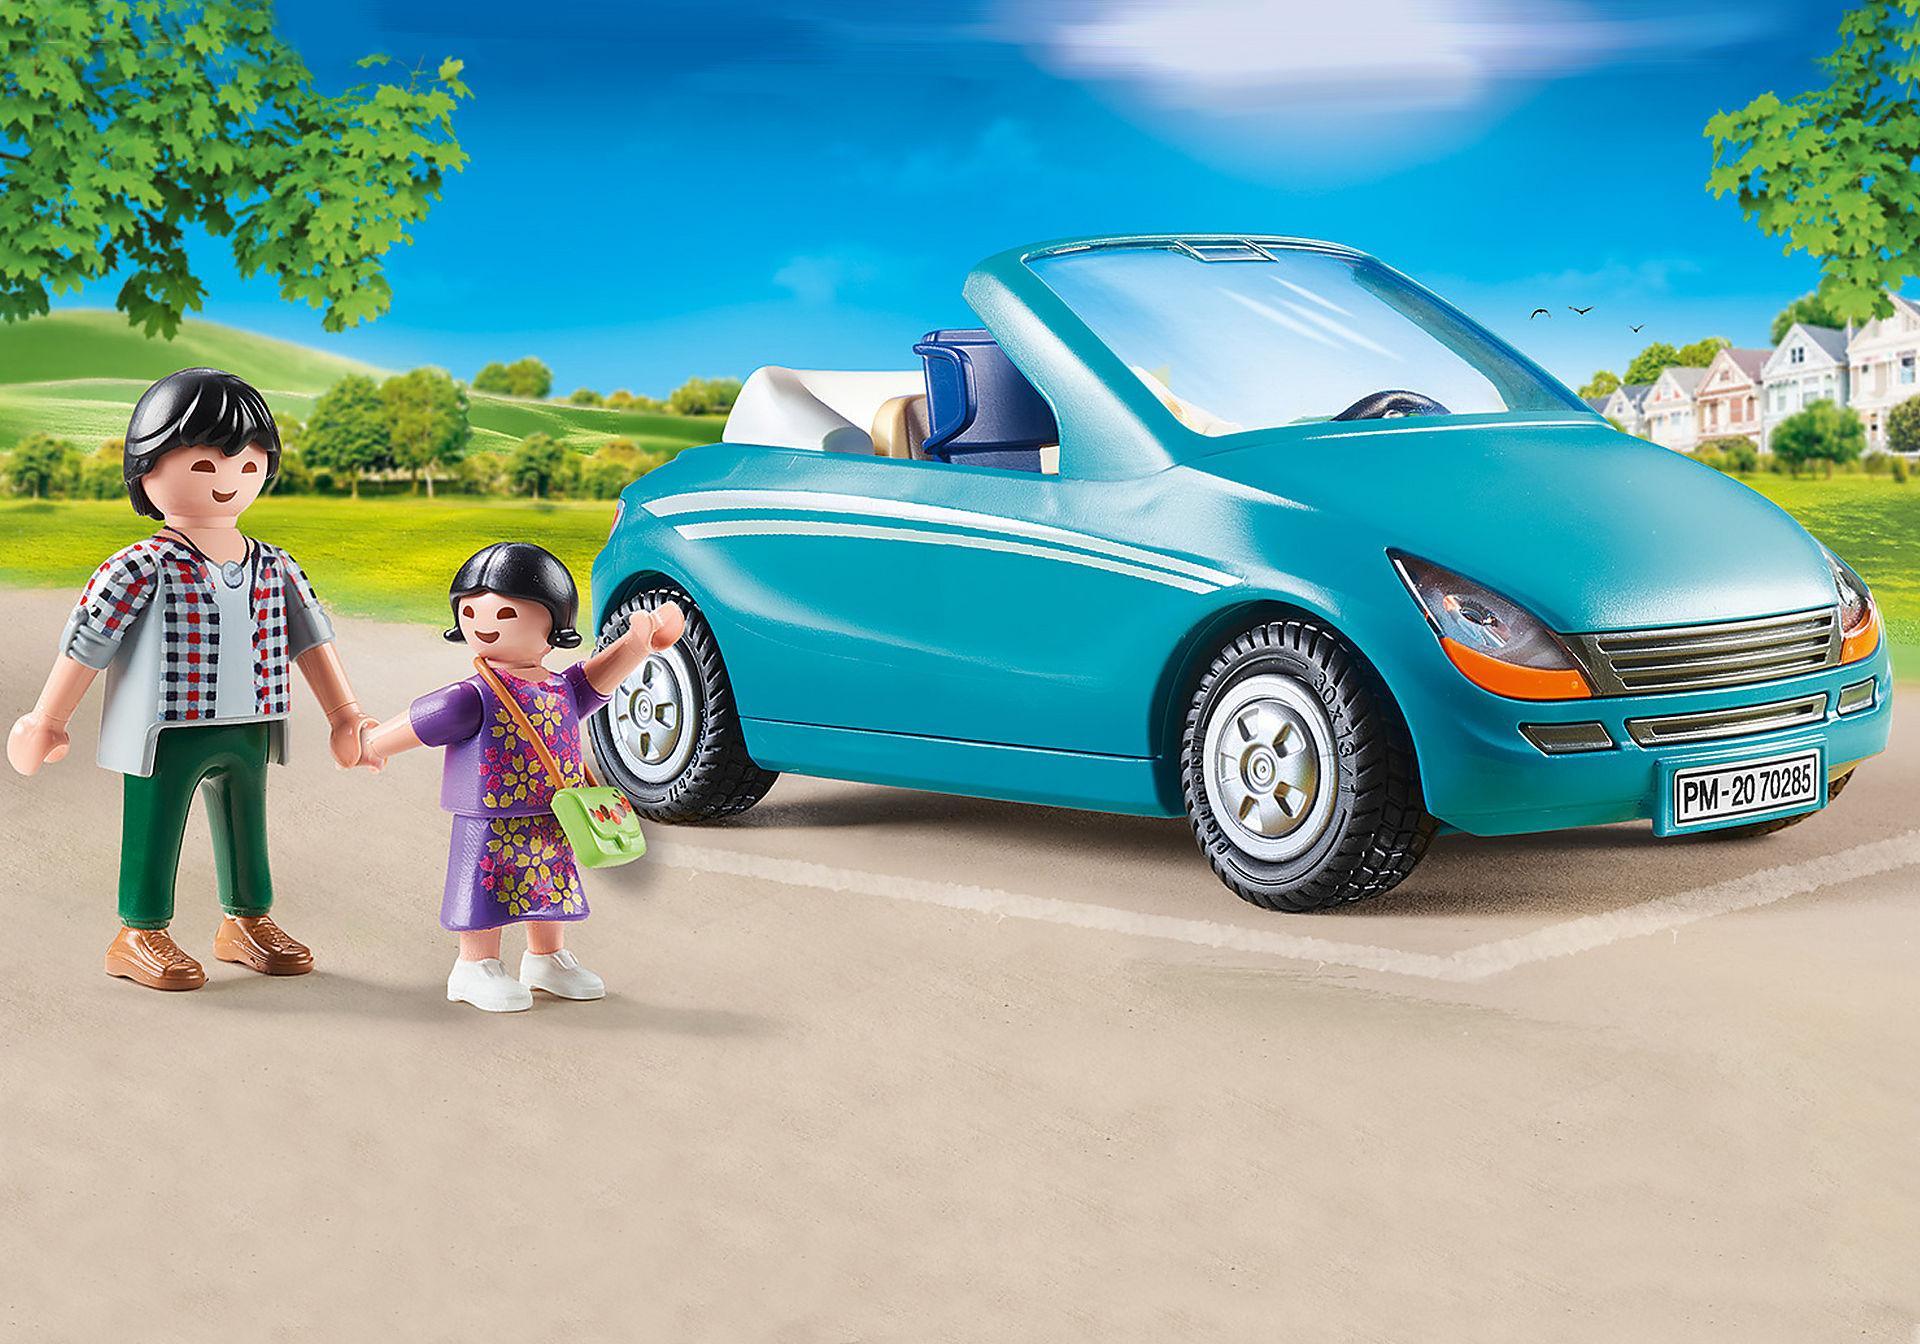 70285 Papa und Kind mit Cabrio zoom image1